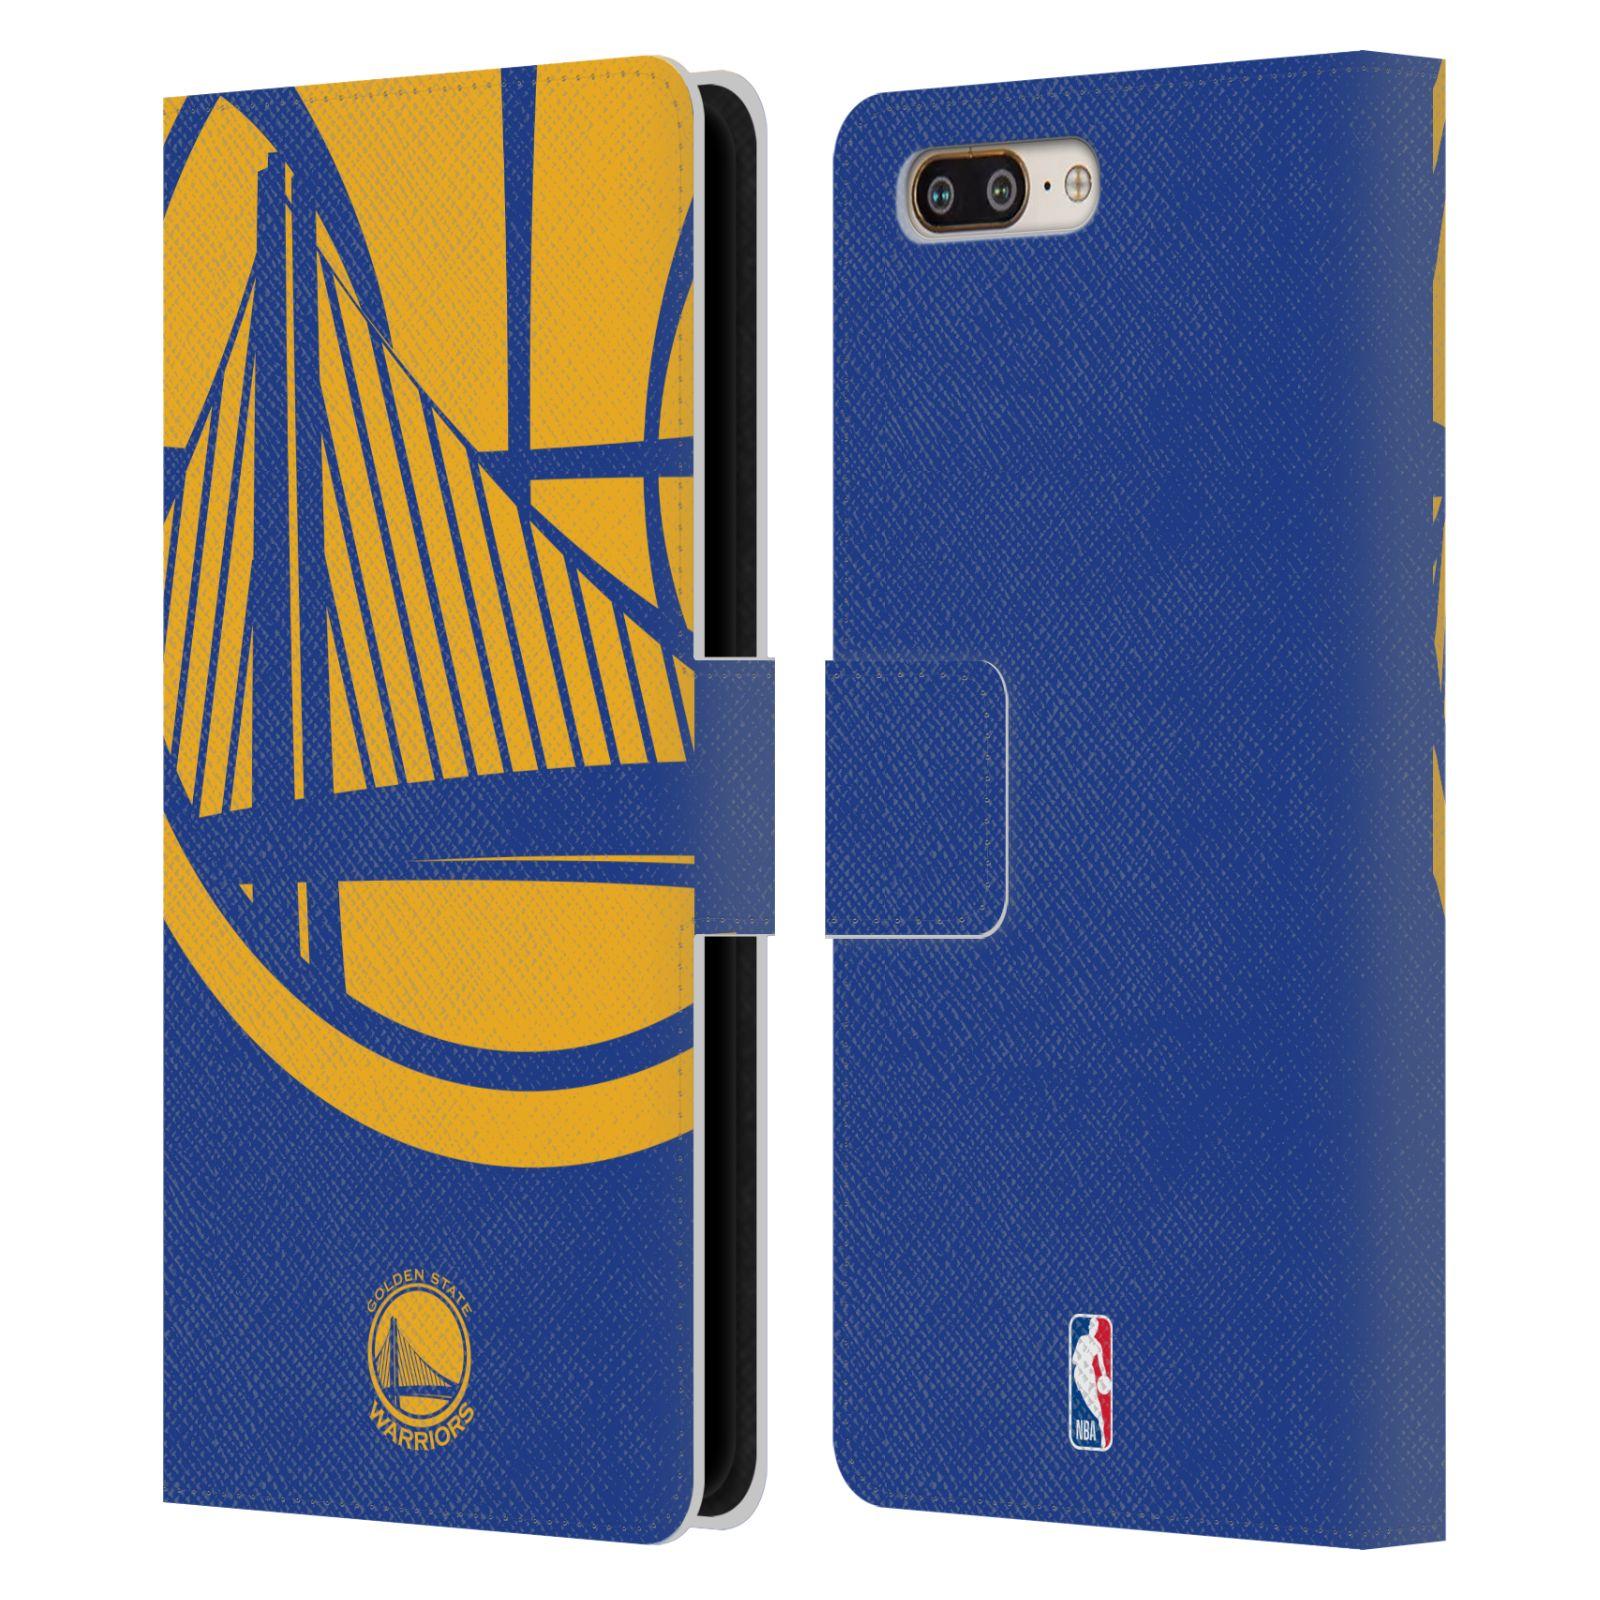 UFFICIALE-NBA-GOLDEN-STATE-WARRIORS-COVER-A-PORTAFOGLIO-PER-BLACKBERRY-ONEPLUS